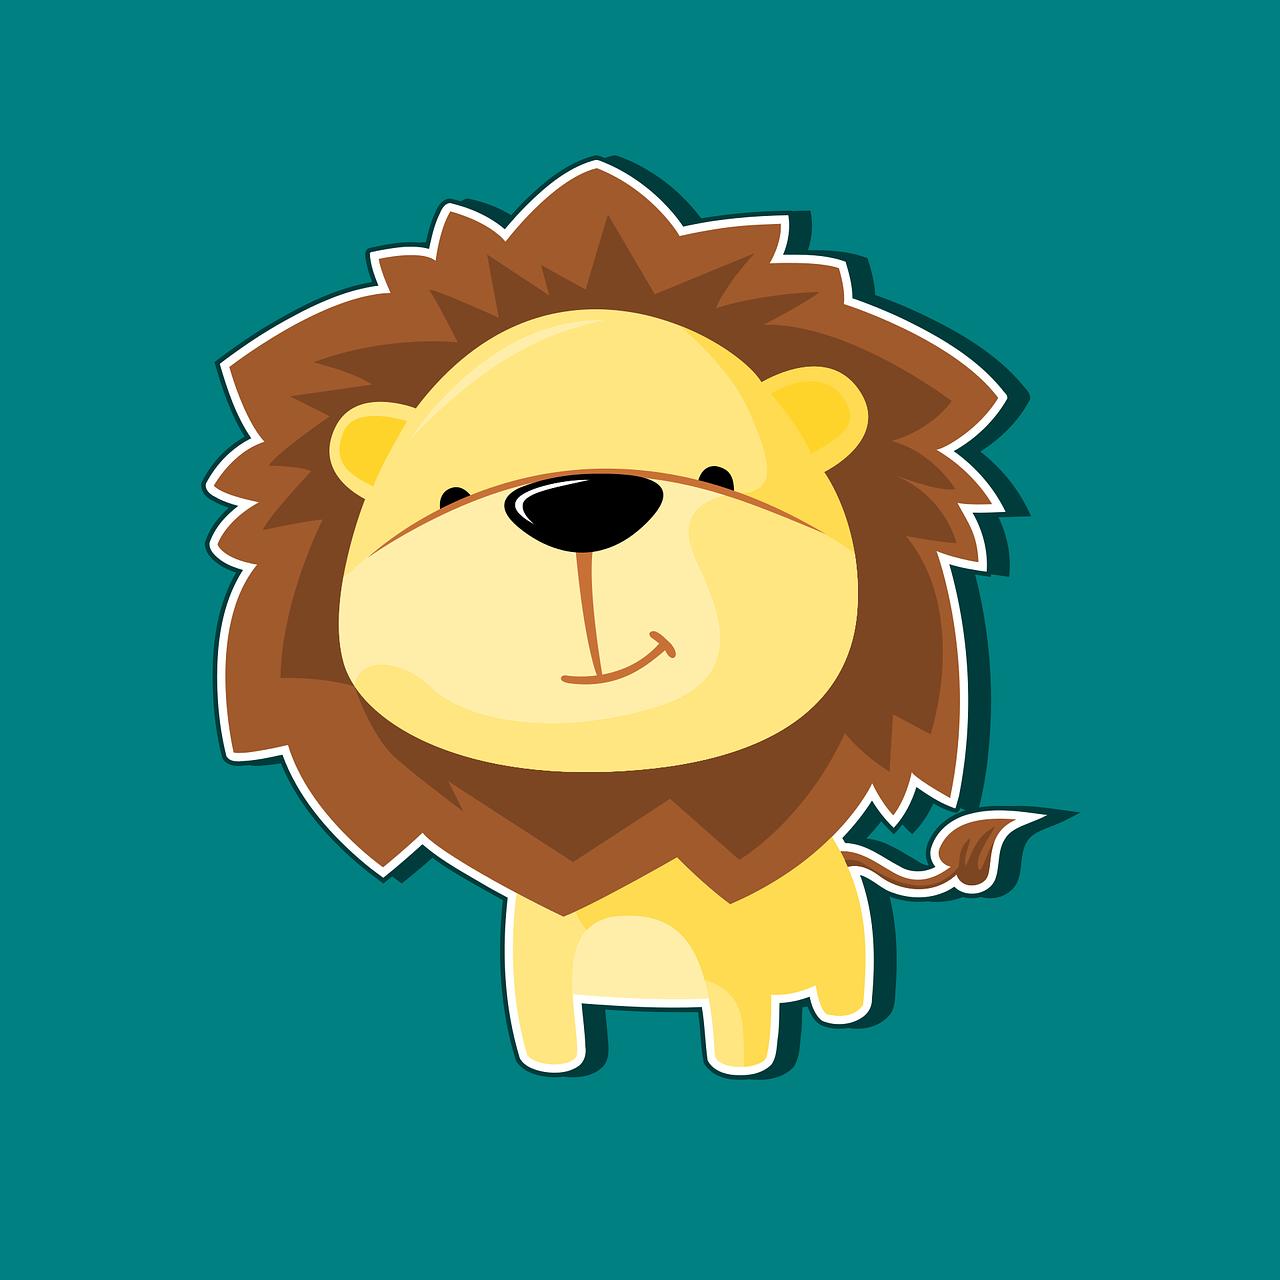 Lion 2521451 1280